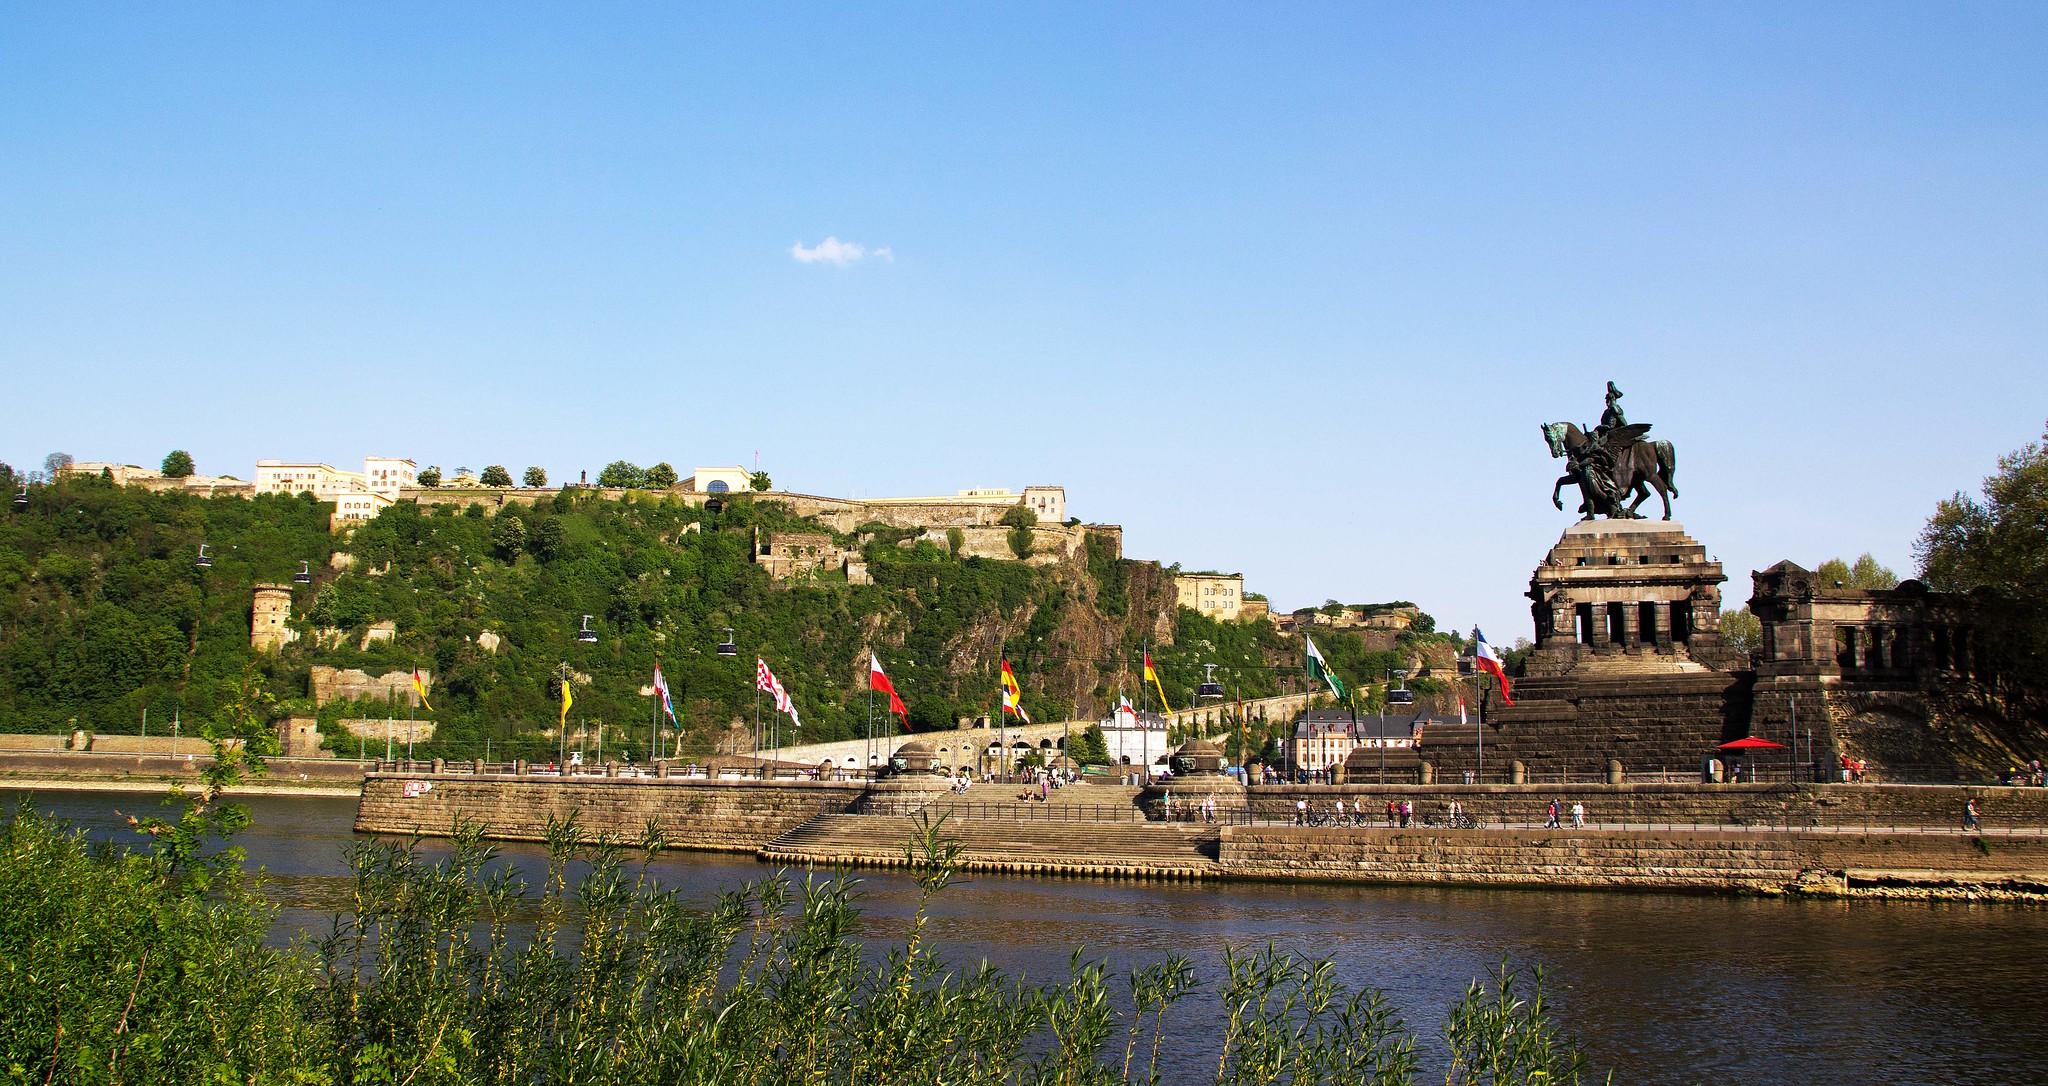 Koblenz im Buga-Jahr 2011 - Das Deutsche Eck mit der Festung Ehrenbreitstein im Hintergrund